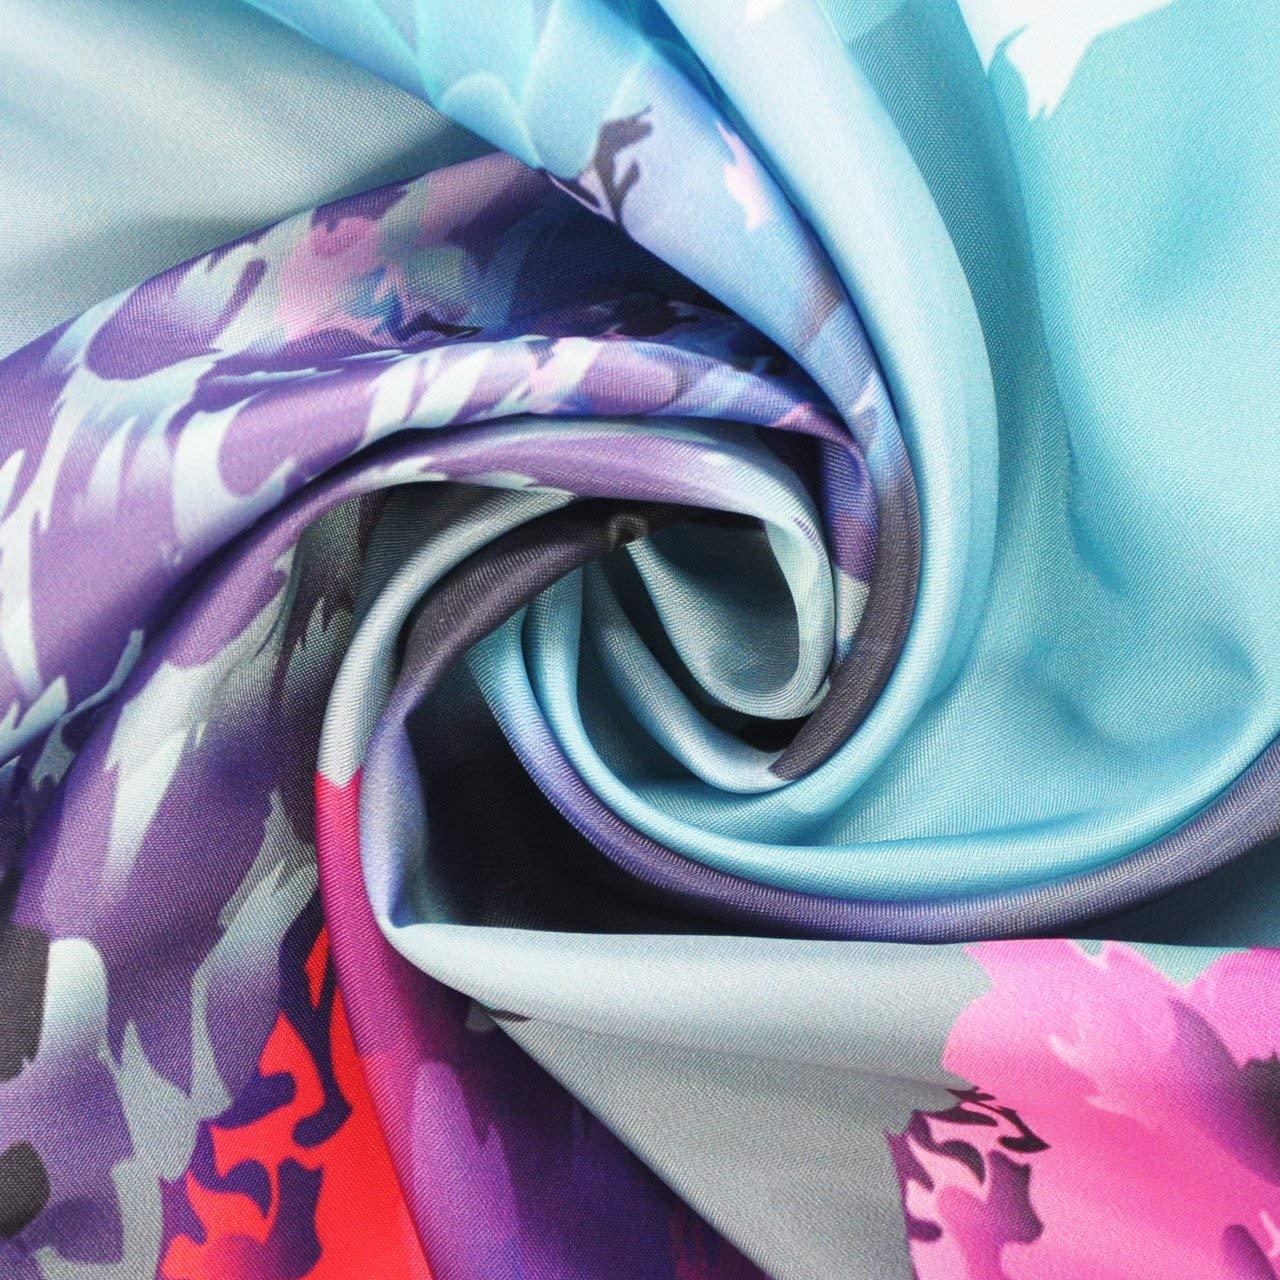 Fansu Cortina de Ba/ño Antimoho Impermeable Antibacteriano 90x180cm,A Cortina de Ducha 100/% Poli/éster 3D Coche Impresi/ón Resistente al Moho Cortina de Ba/ñera con Anillos